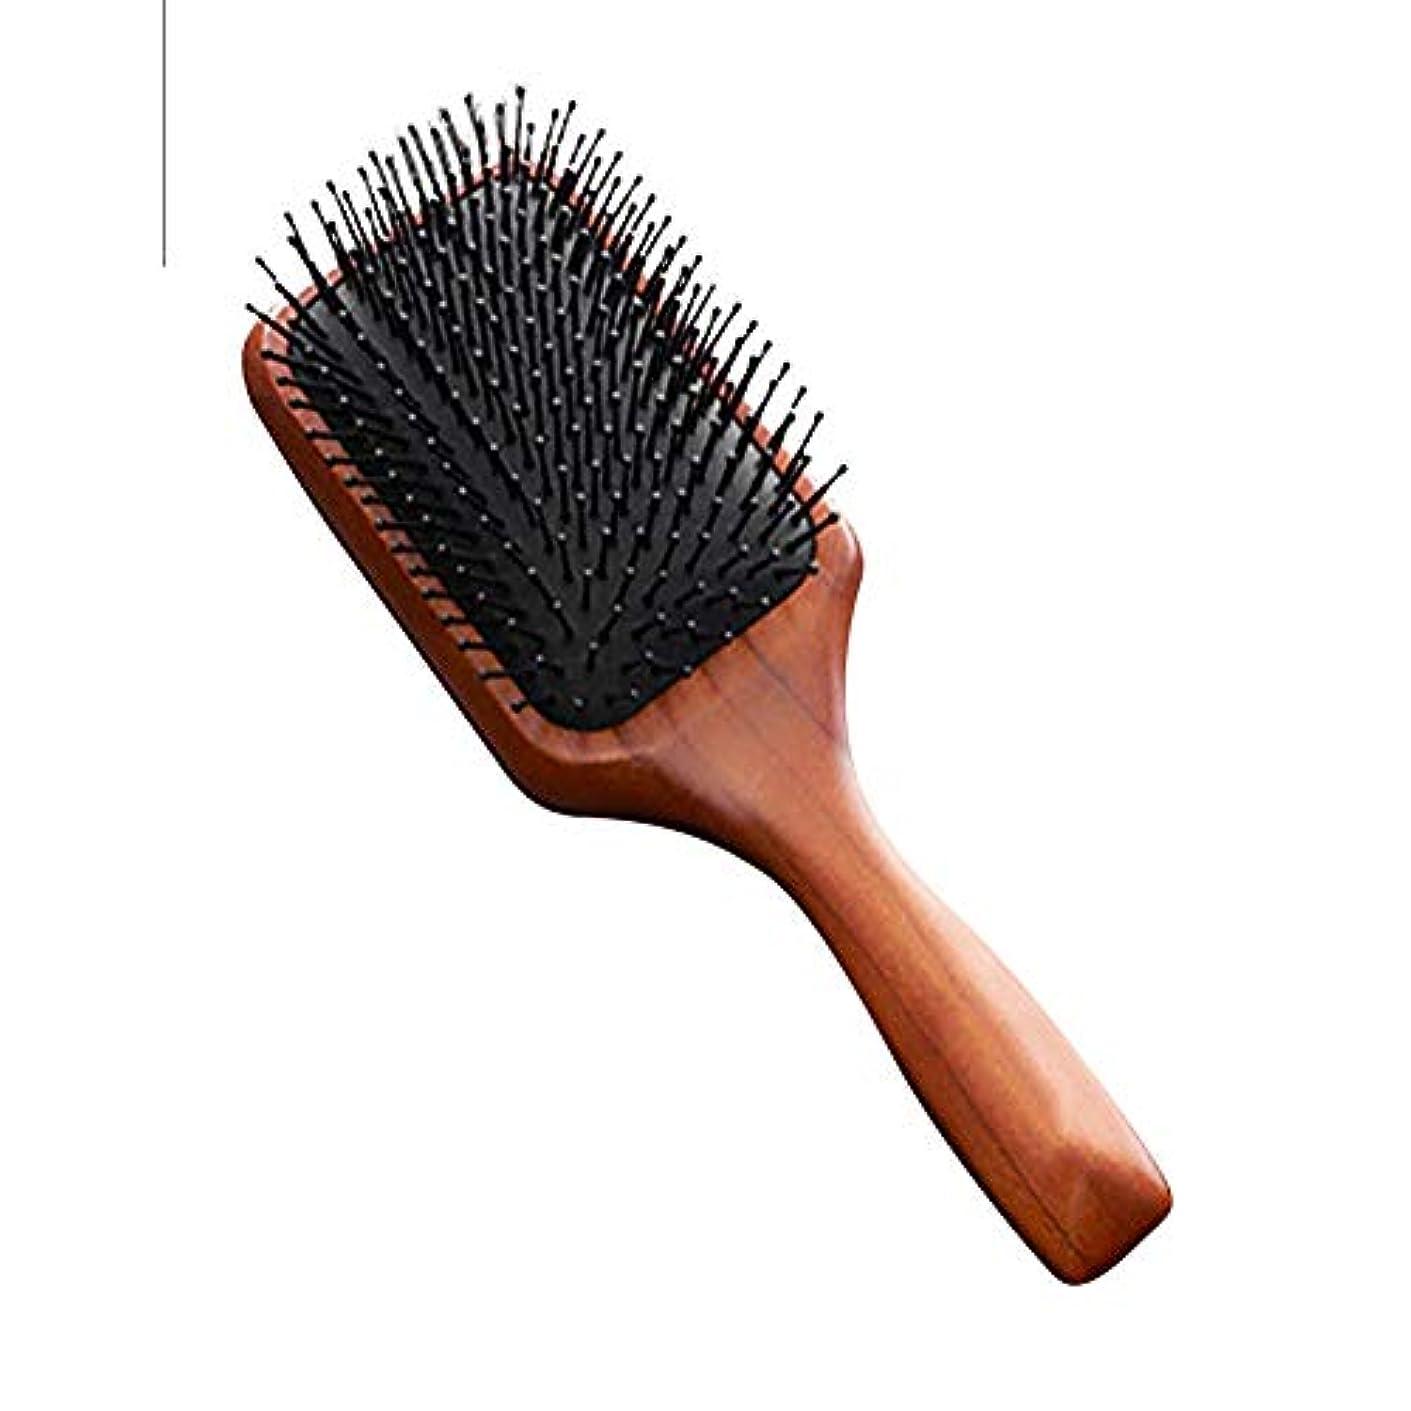 ランプ請願者特性ブラシ 木製の髪の櫛 木製のパドルブラシ 髪の頭皮を改善し 血液循環に入り 男性と女性に適しています